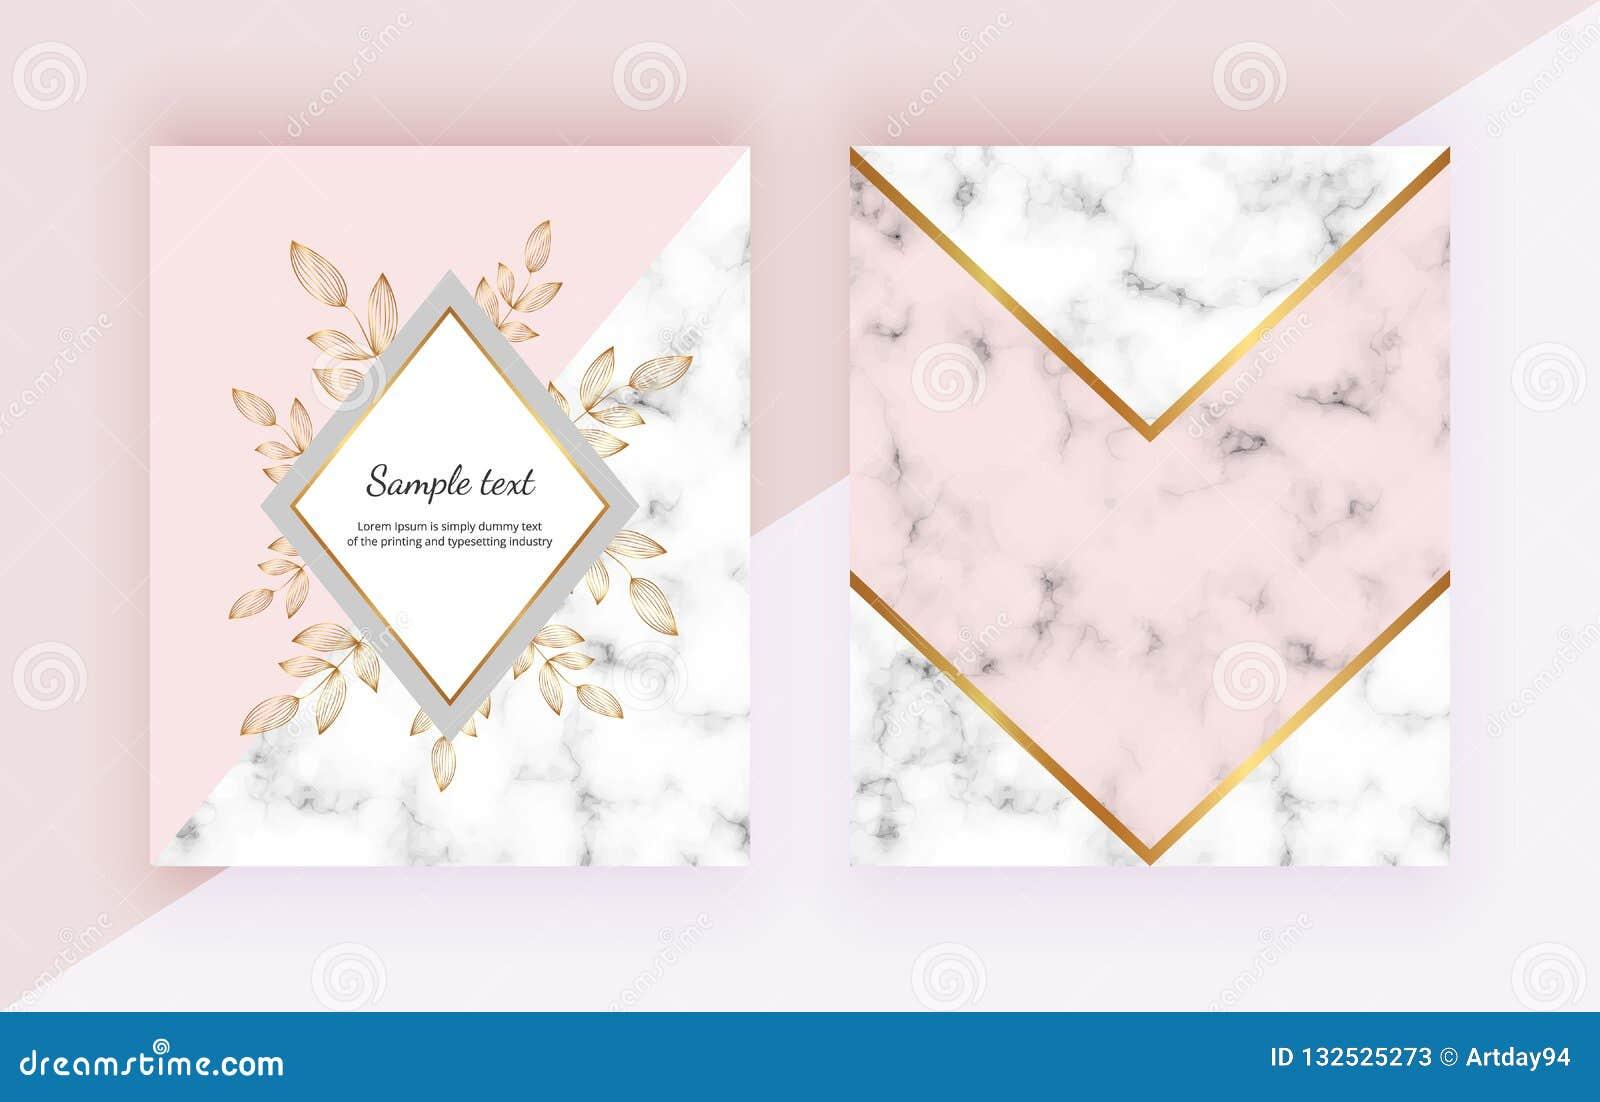 Fondos modernos con las flores, diseño geométrico de mármol, líneas de oro, formas triangulares Plantillas para la invitación, bo